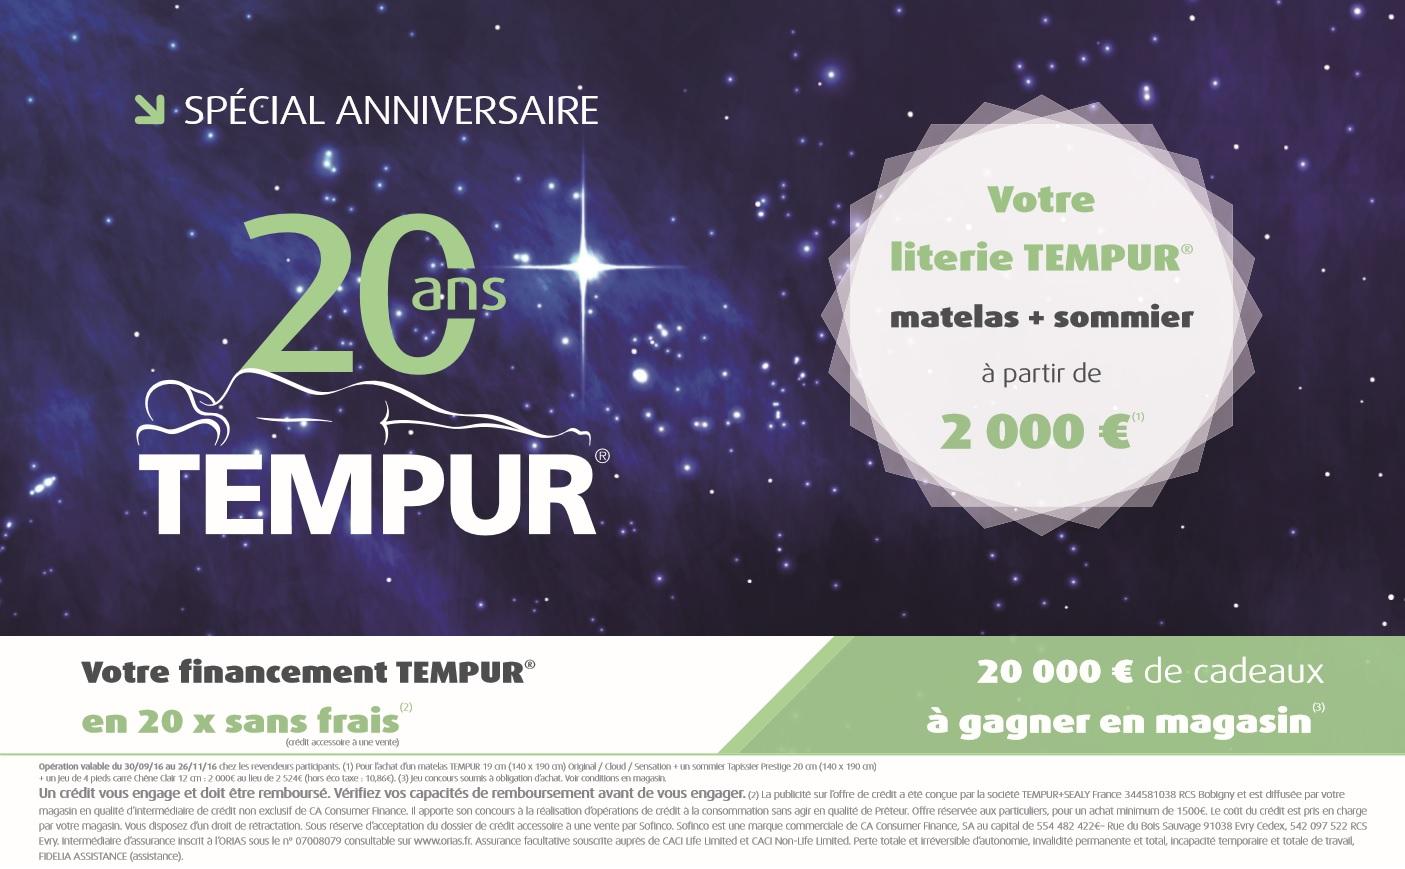 20-ans-tempur